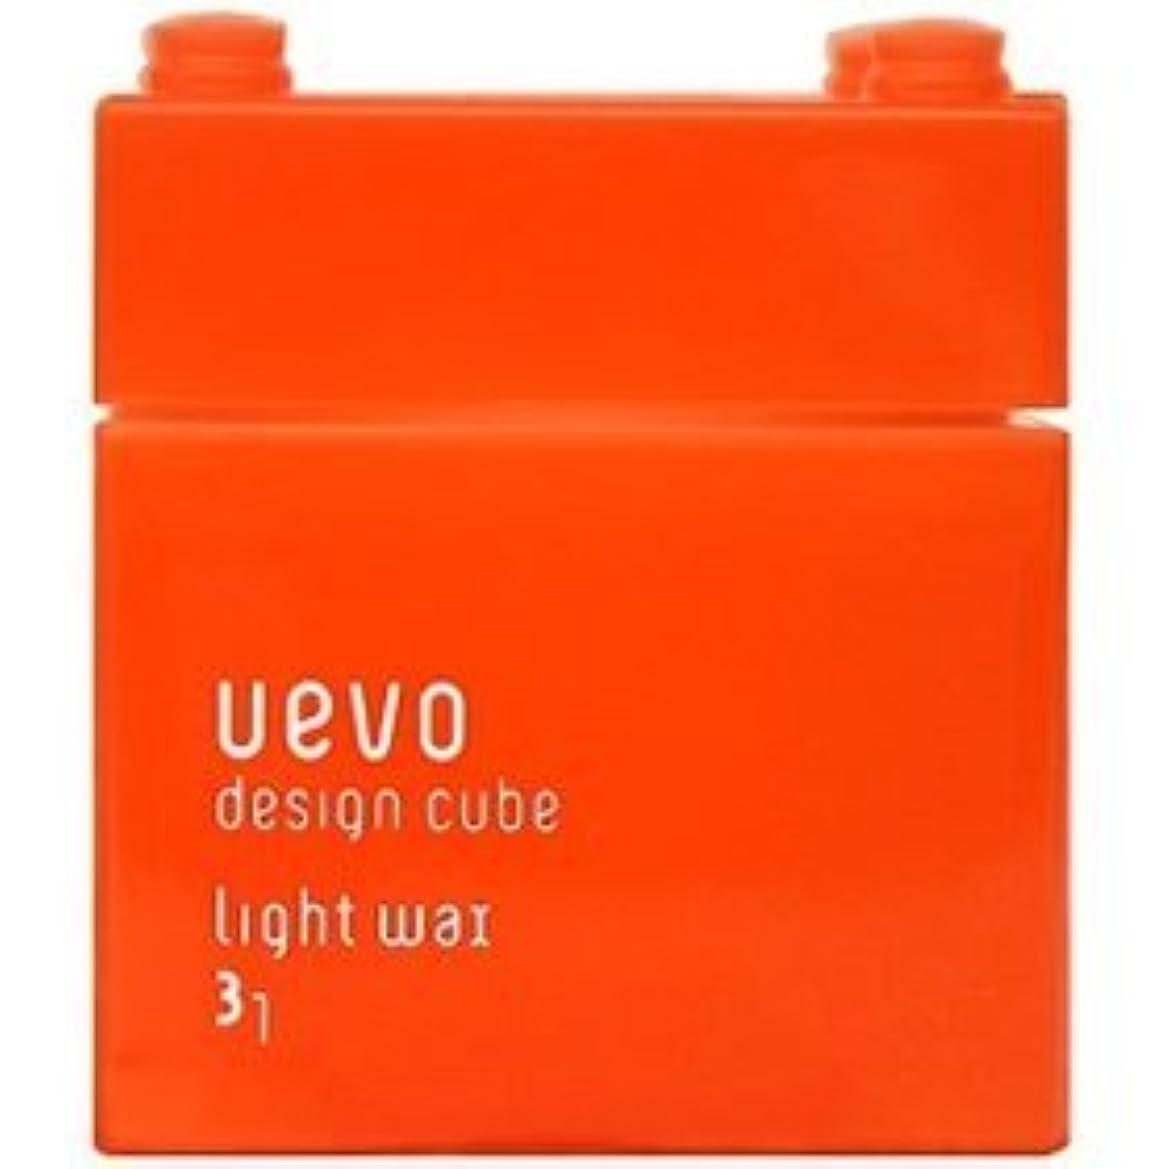 立ち向かう有限個人的に【X5個セット】 デミ ウェーボ デザインキューブ ライトワックス 80g